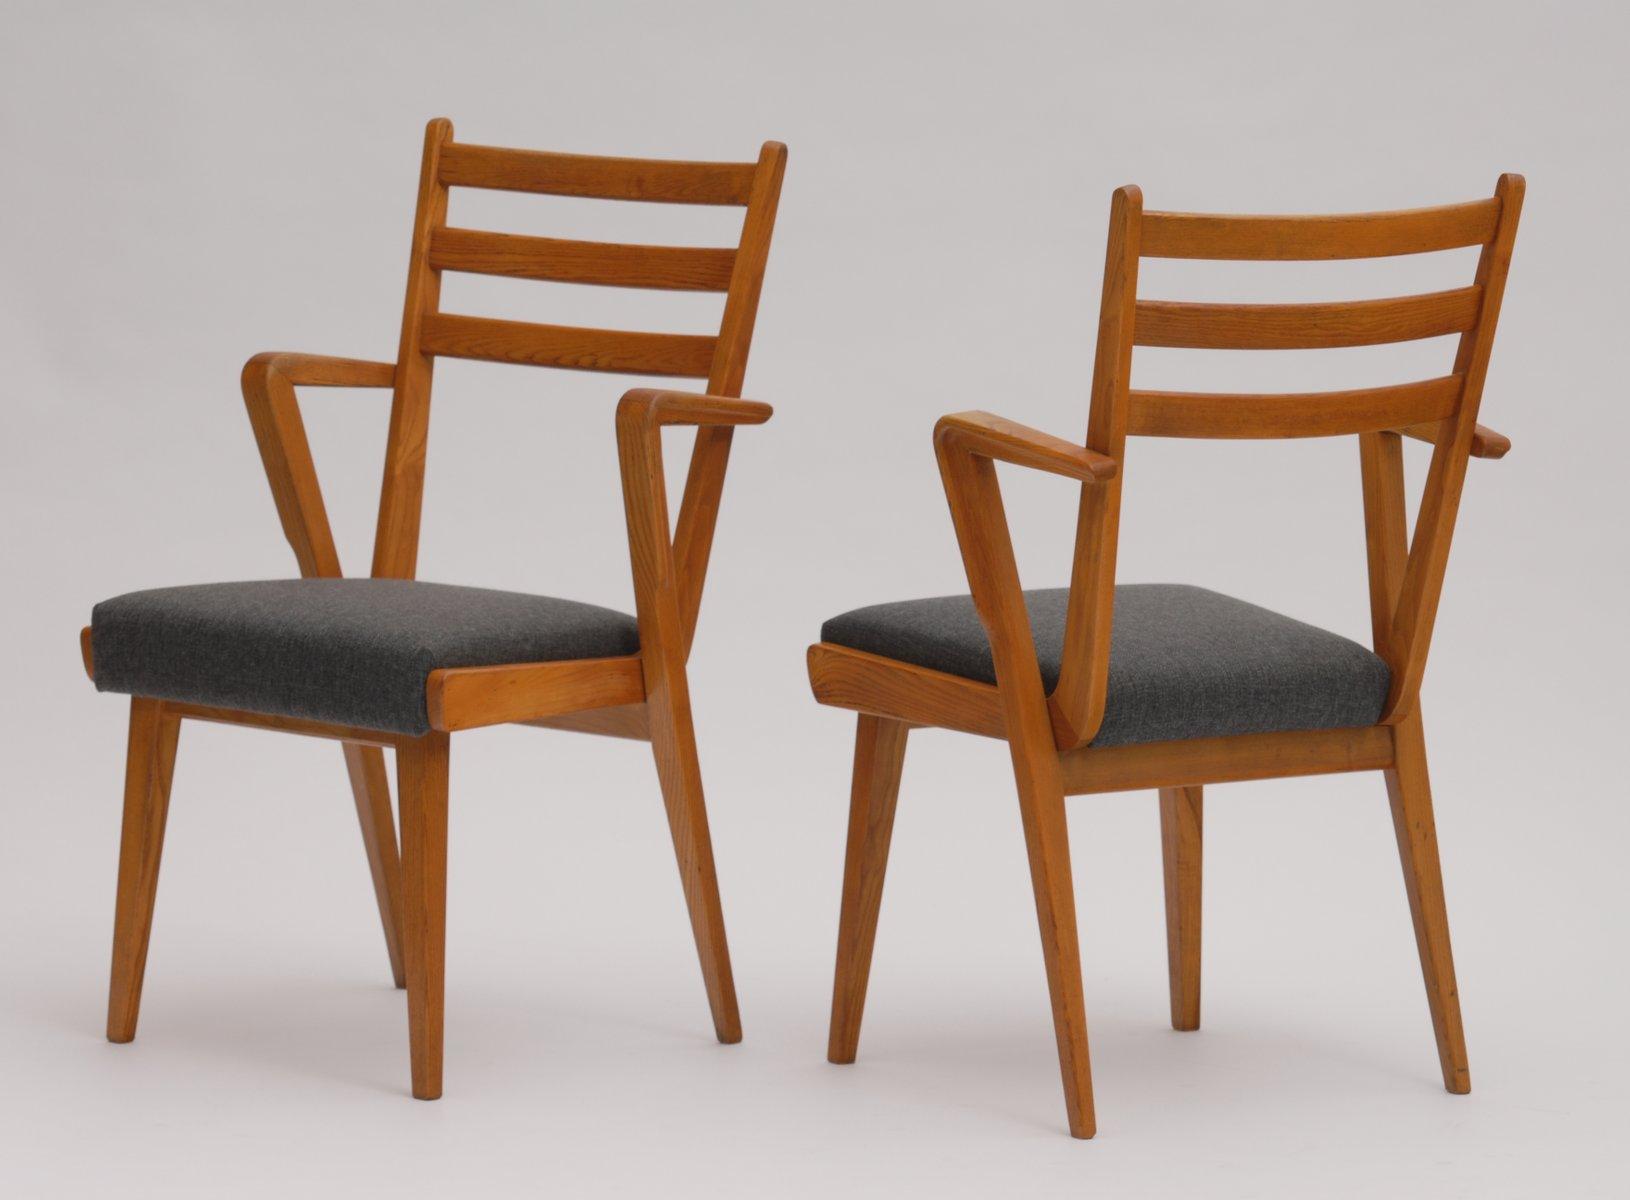 esszimmerst hle von jitona 1955 4er set bei pamono kaufen. Black Bedroom Furniture Sets. Home Design Ideas